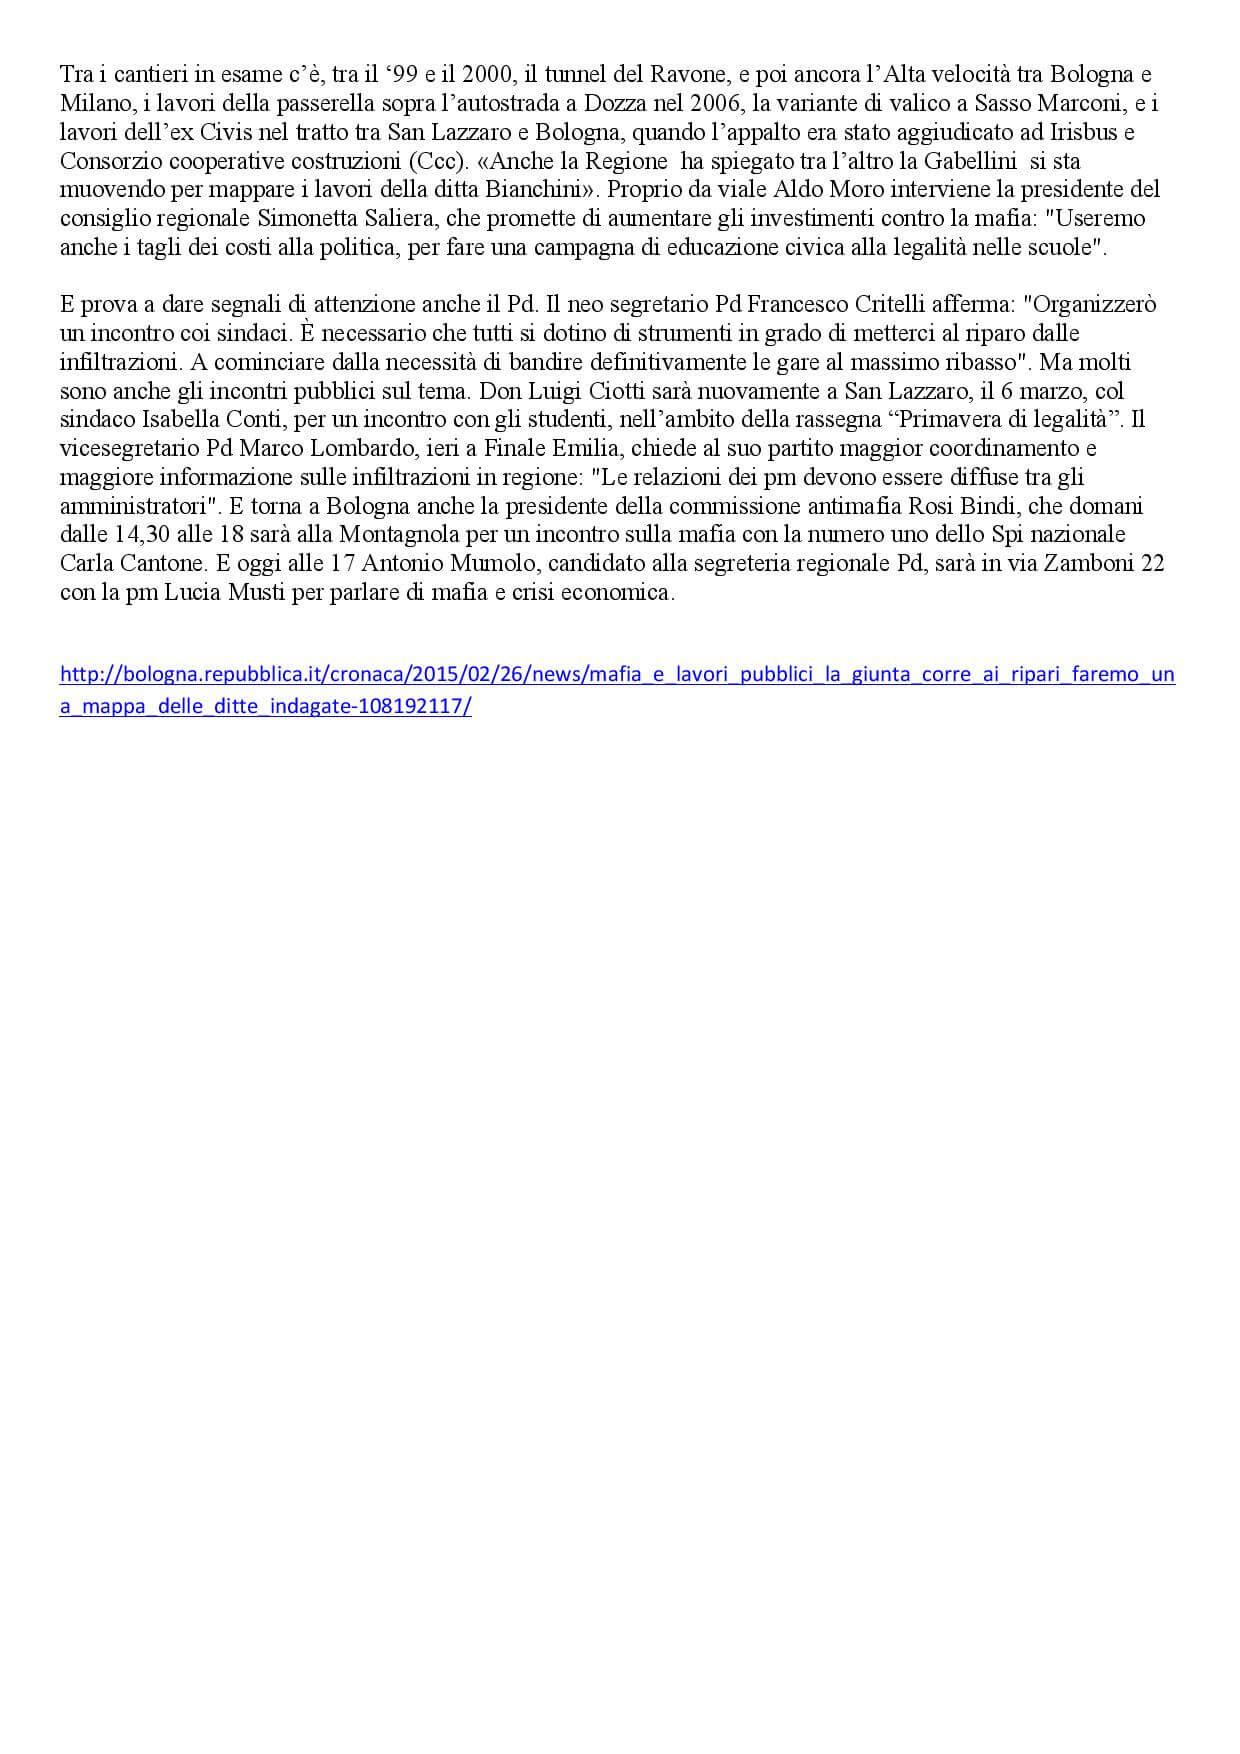 26_2_15_repubblica_mappa-page-002